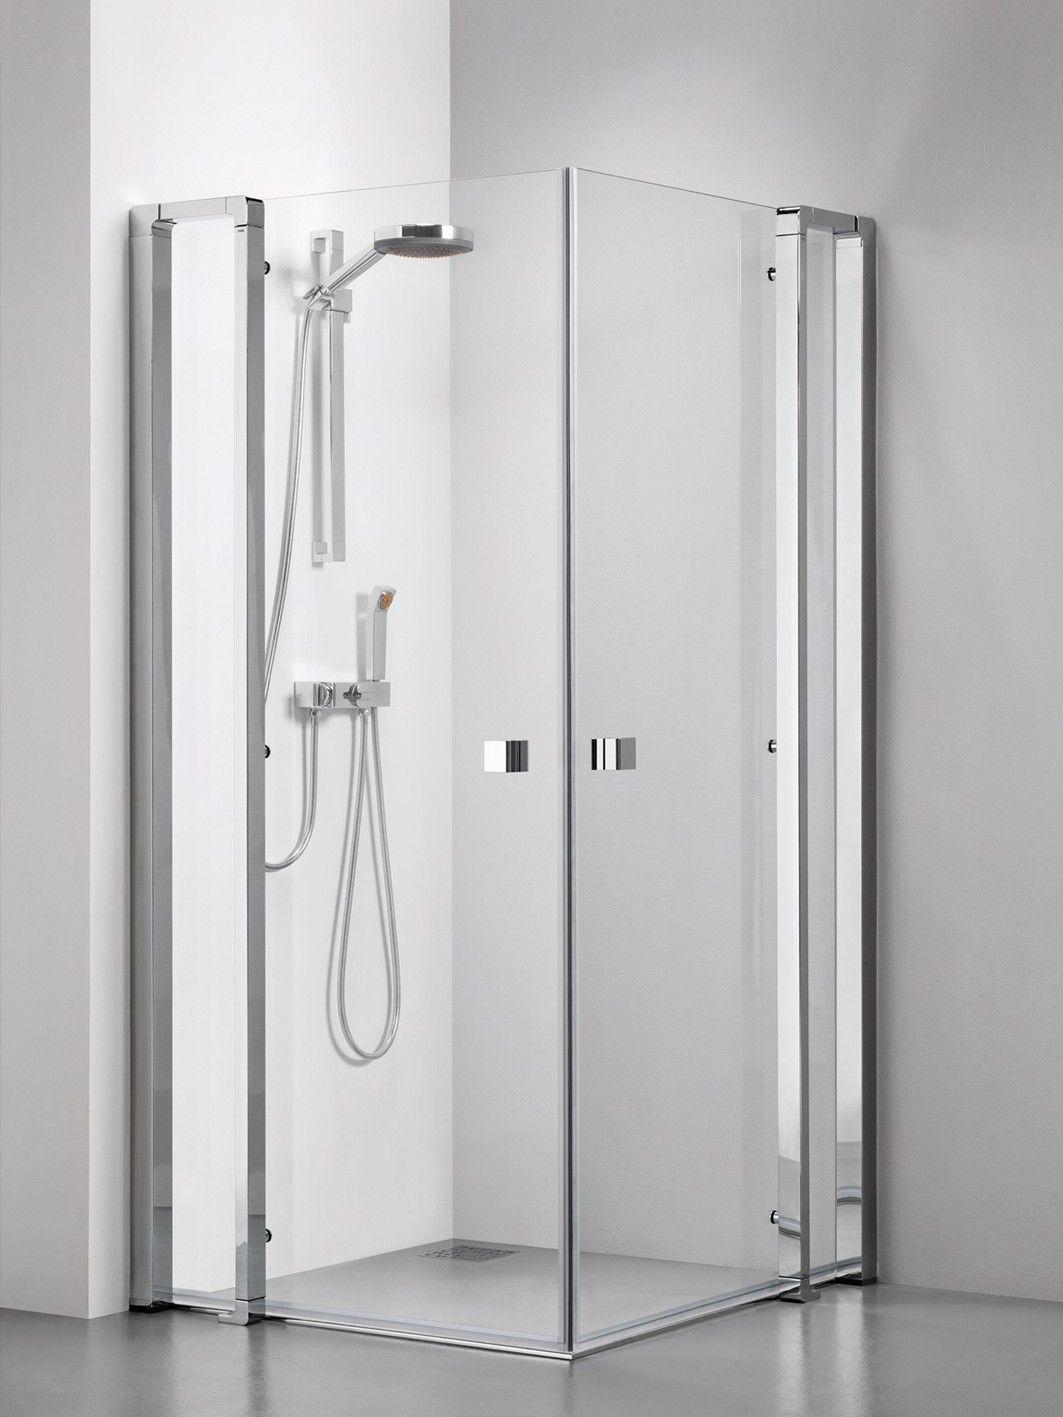 Alle Tiger douche cabines hebben deze eigenschappen: 1. 6 mm ...